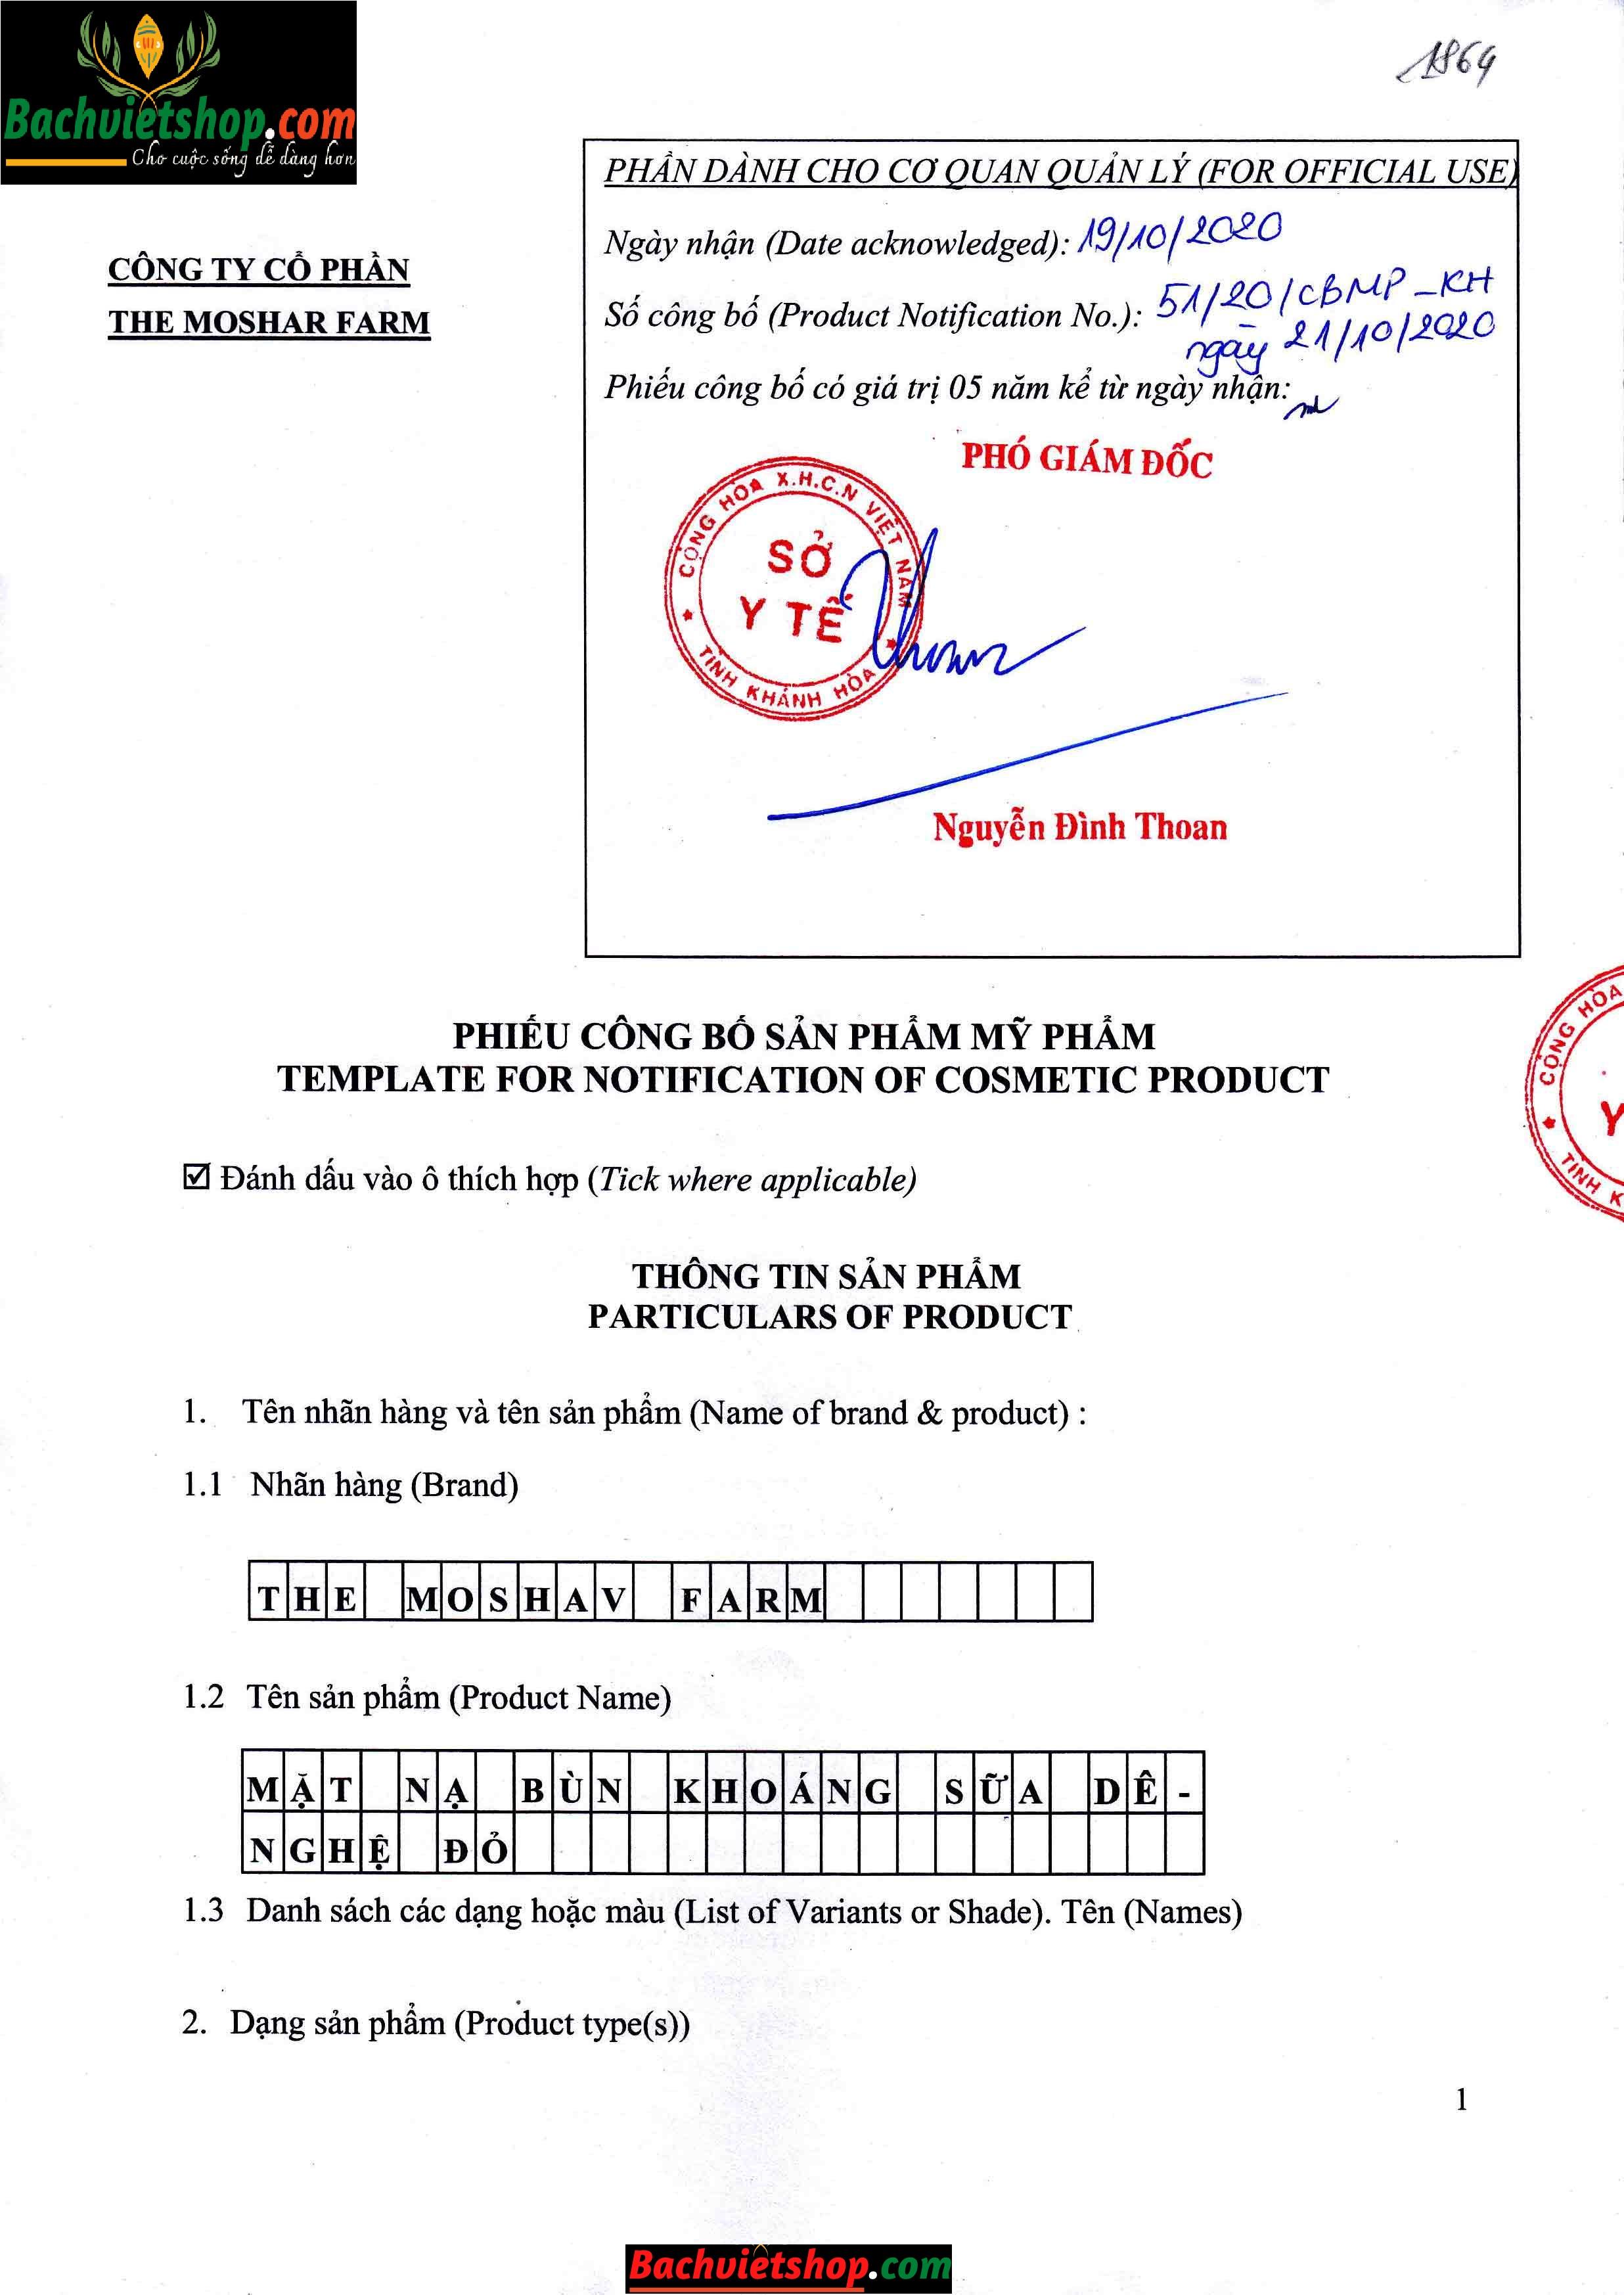 giấy chứng nhận của bộ y tế về mặt nạ bùn khoáng thiên nhiên